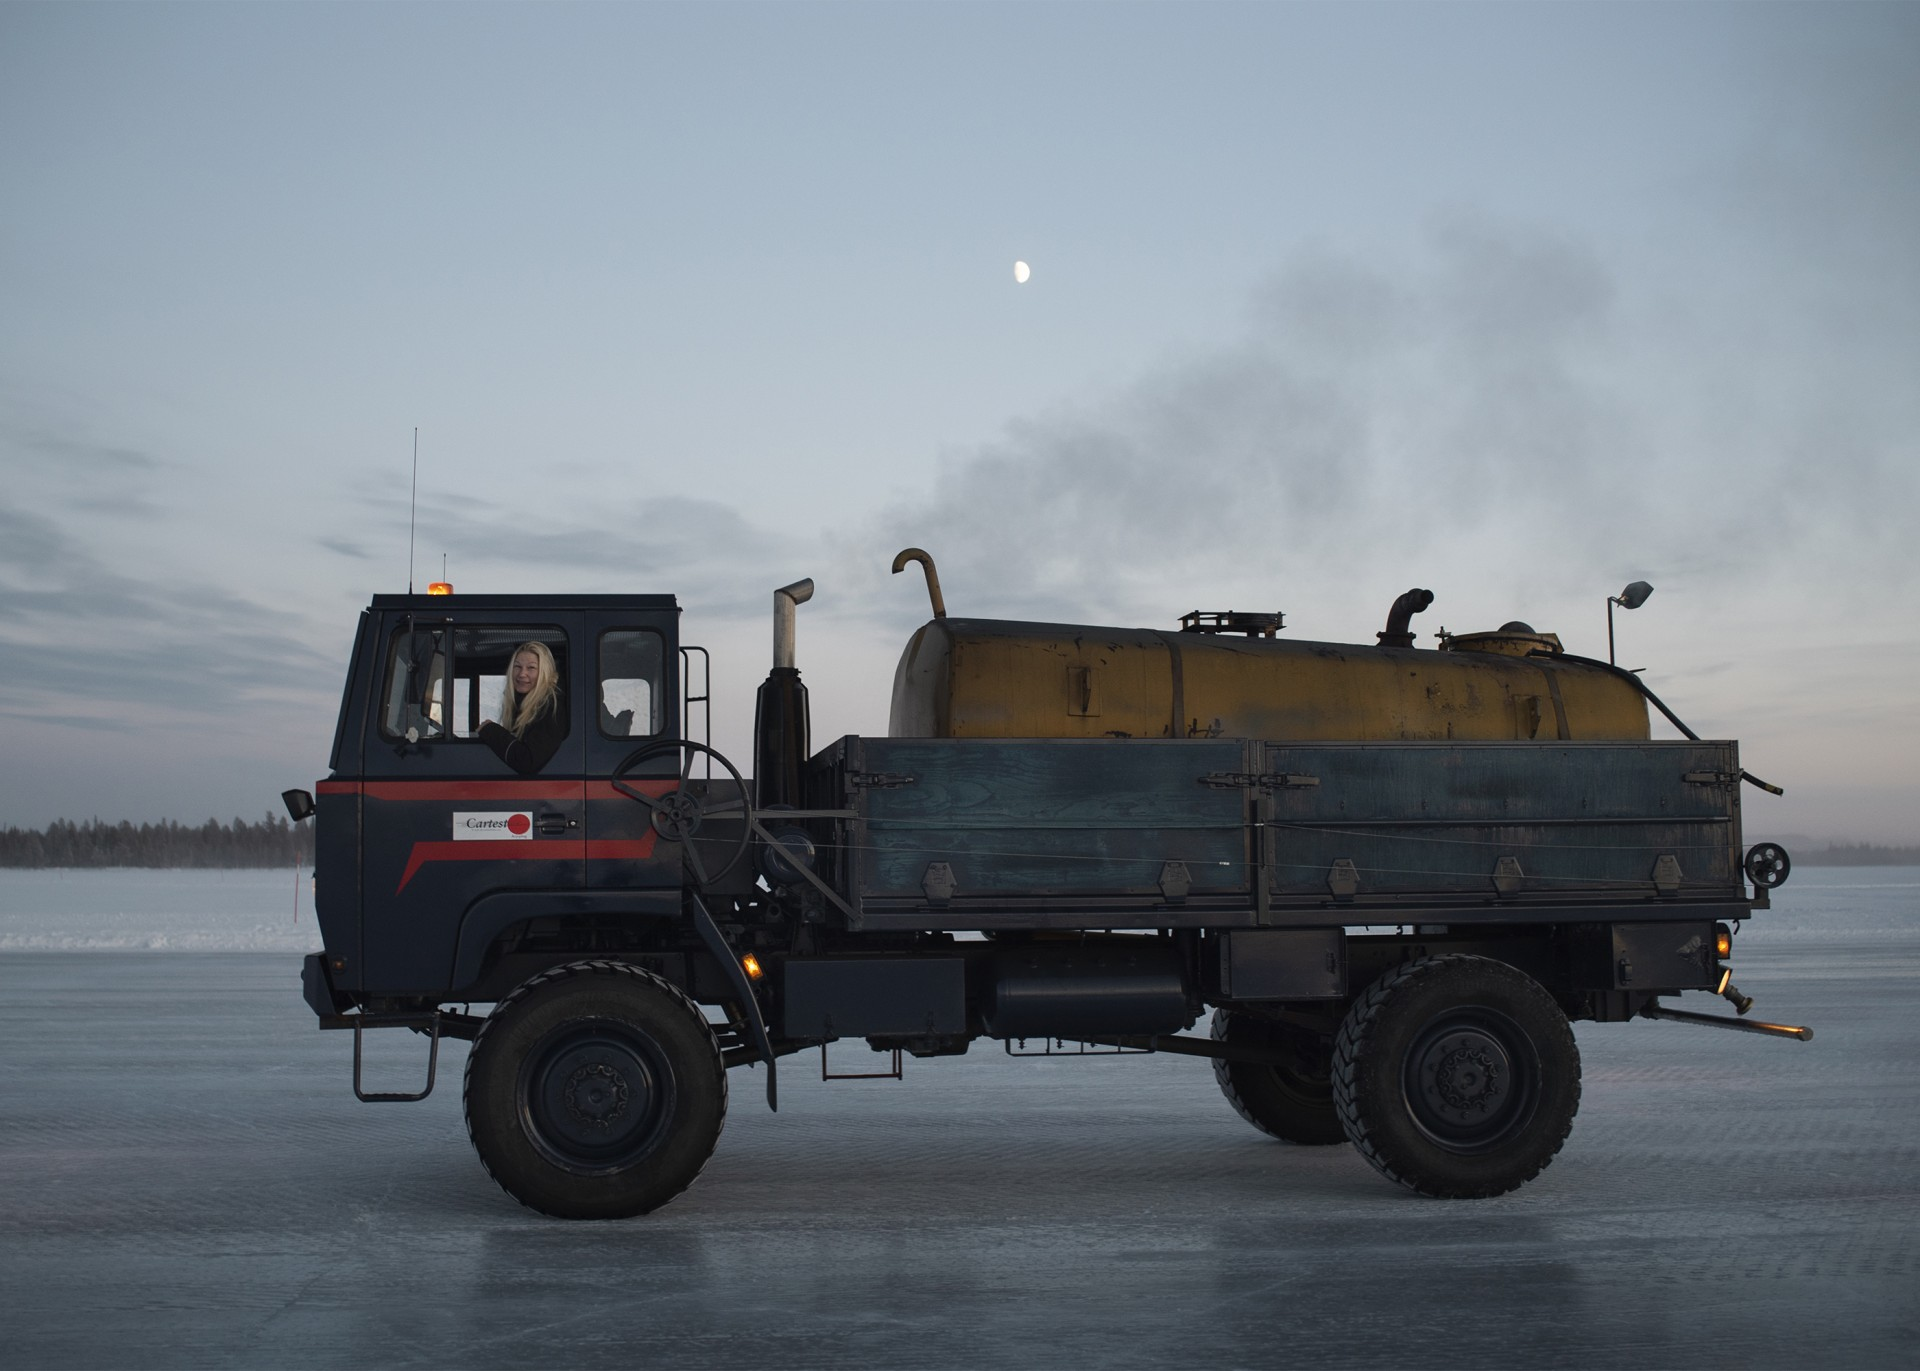 Åse driving her truck in Arjeplog. Photo: Camilla Andersen/Nordiska museet